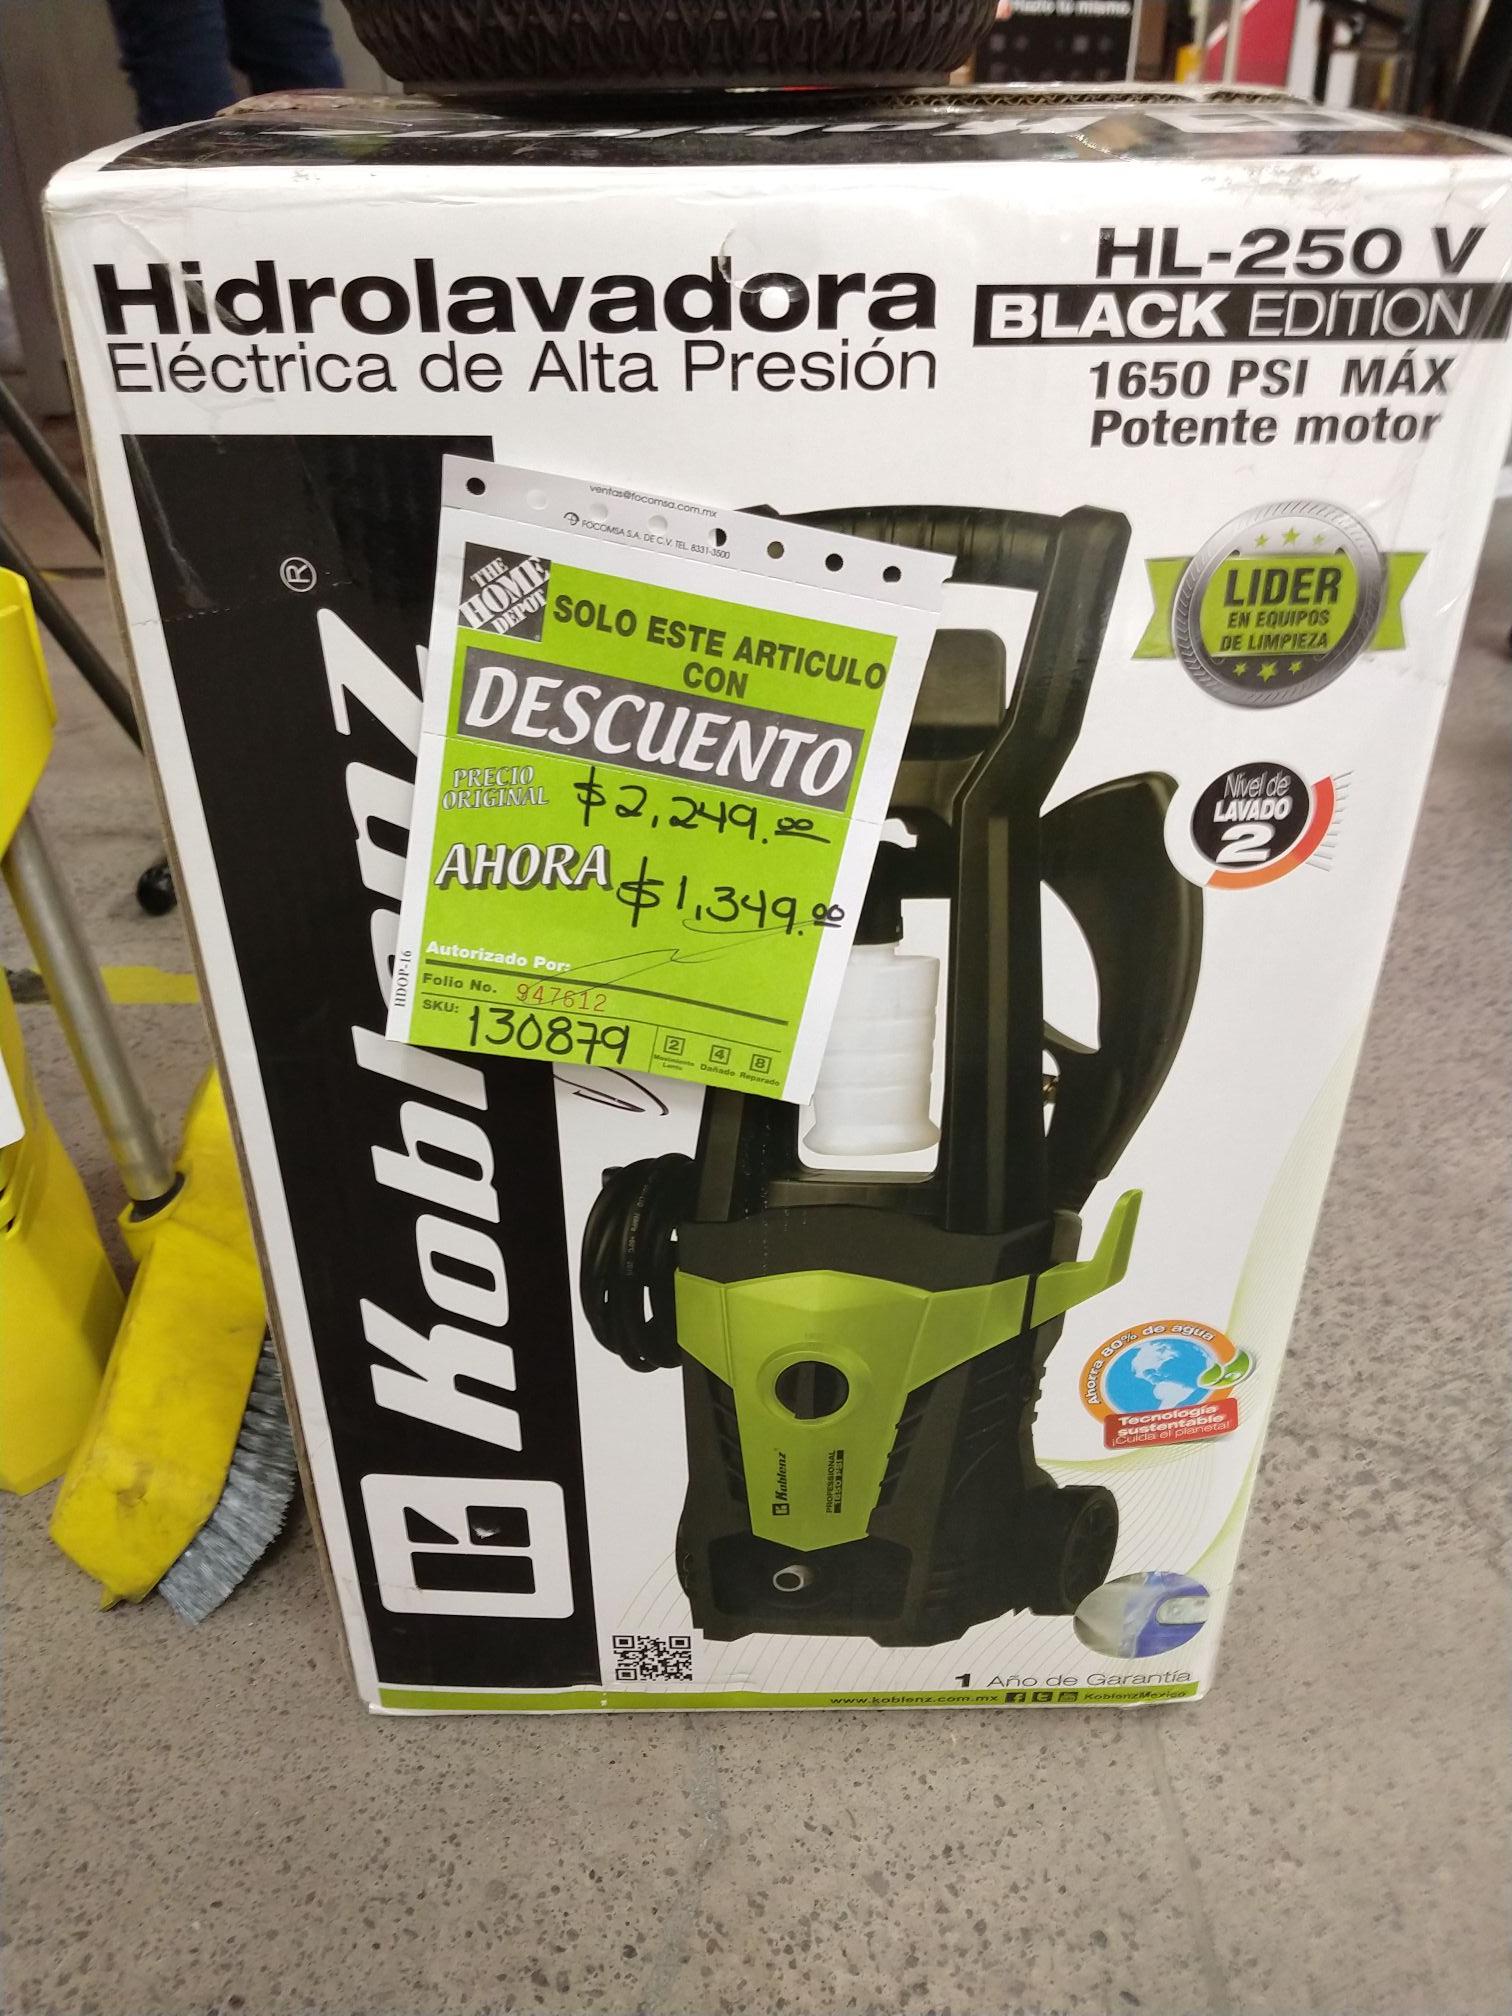 Home Depot Miramontes: Remate de  varios artículos